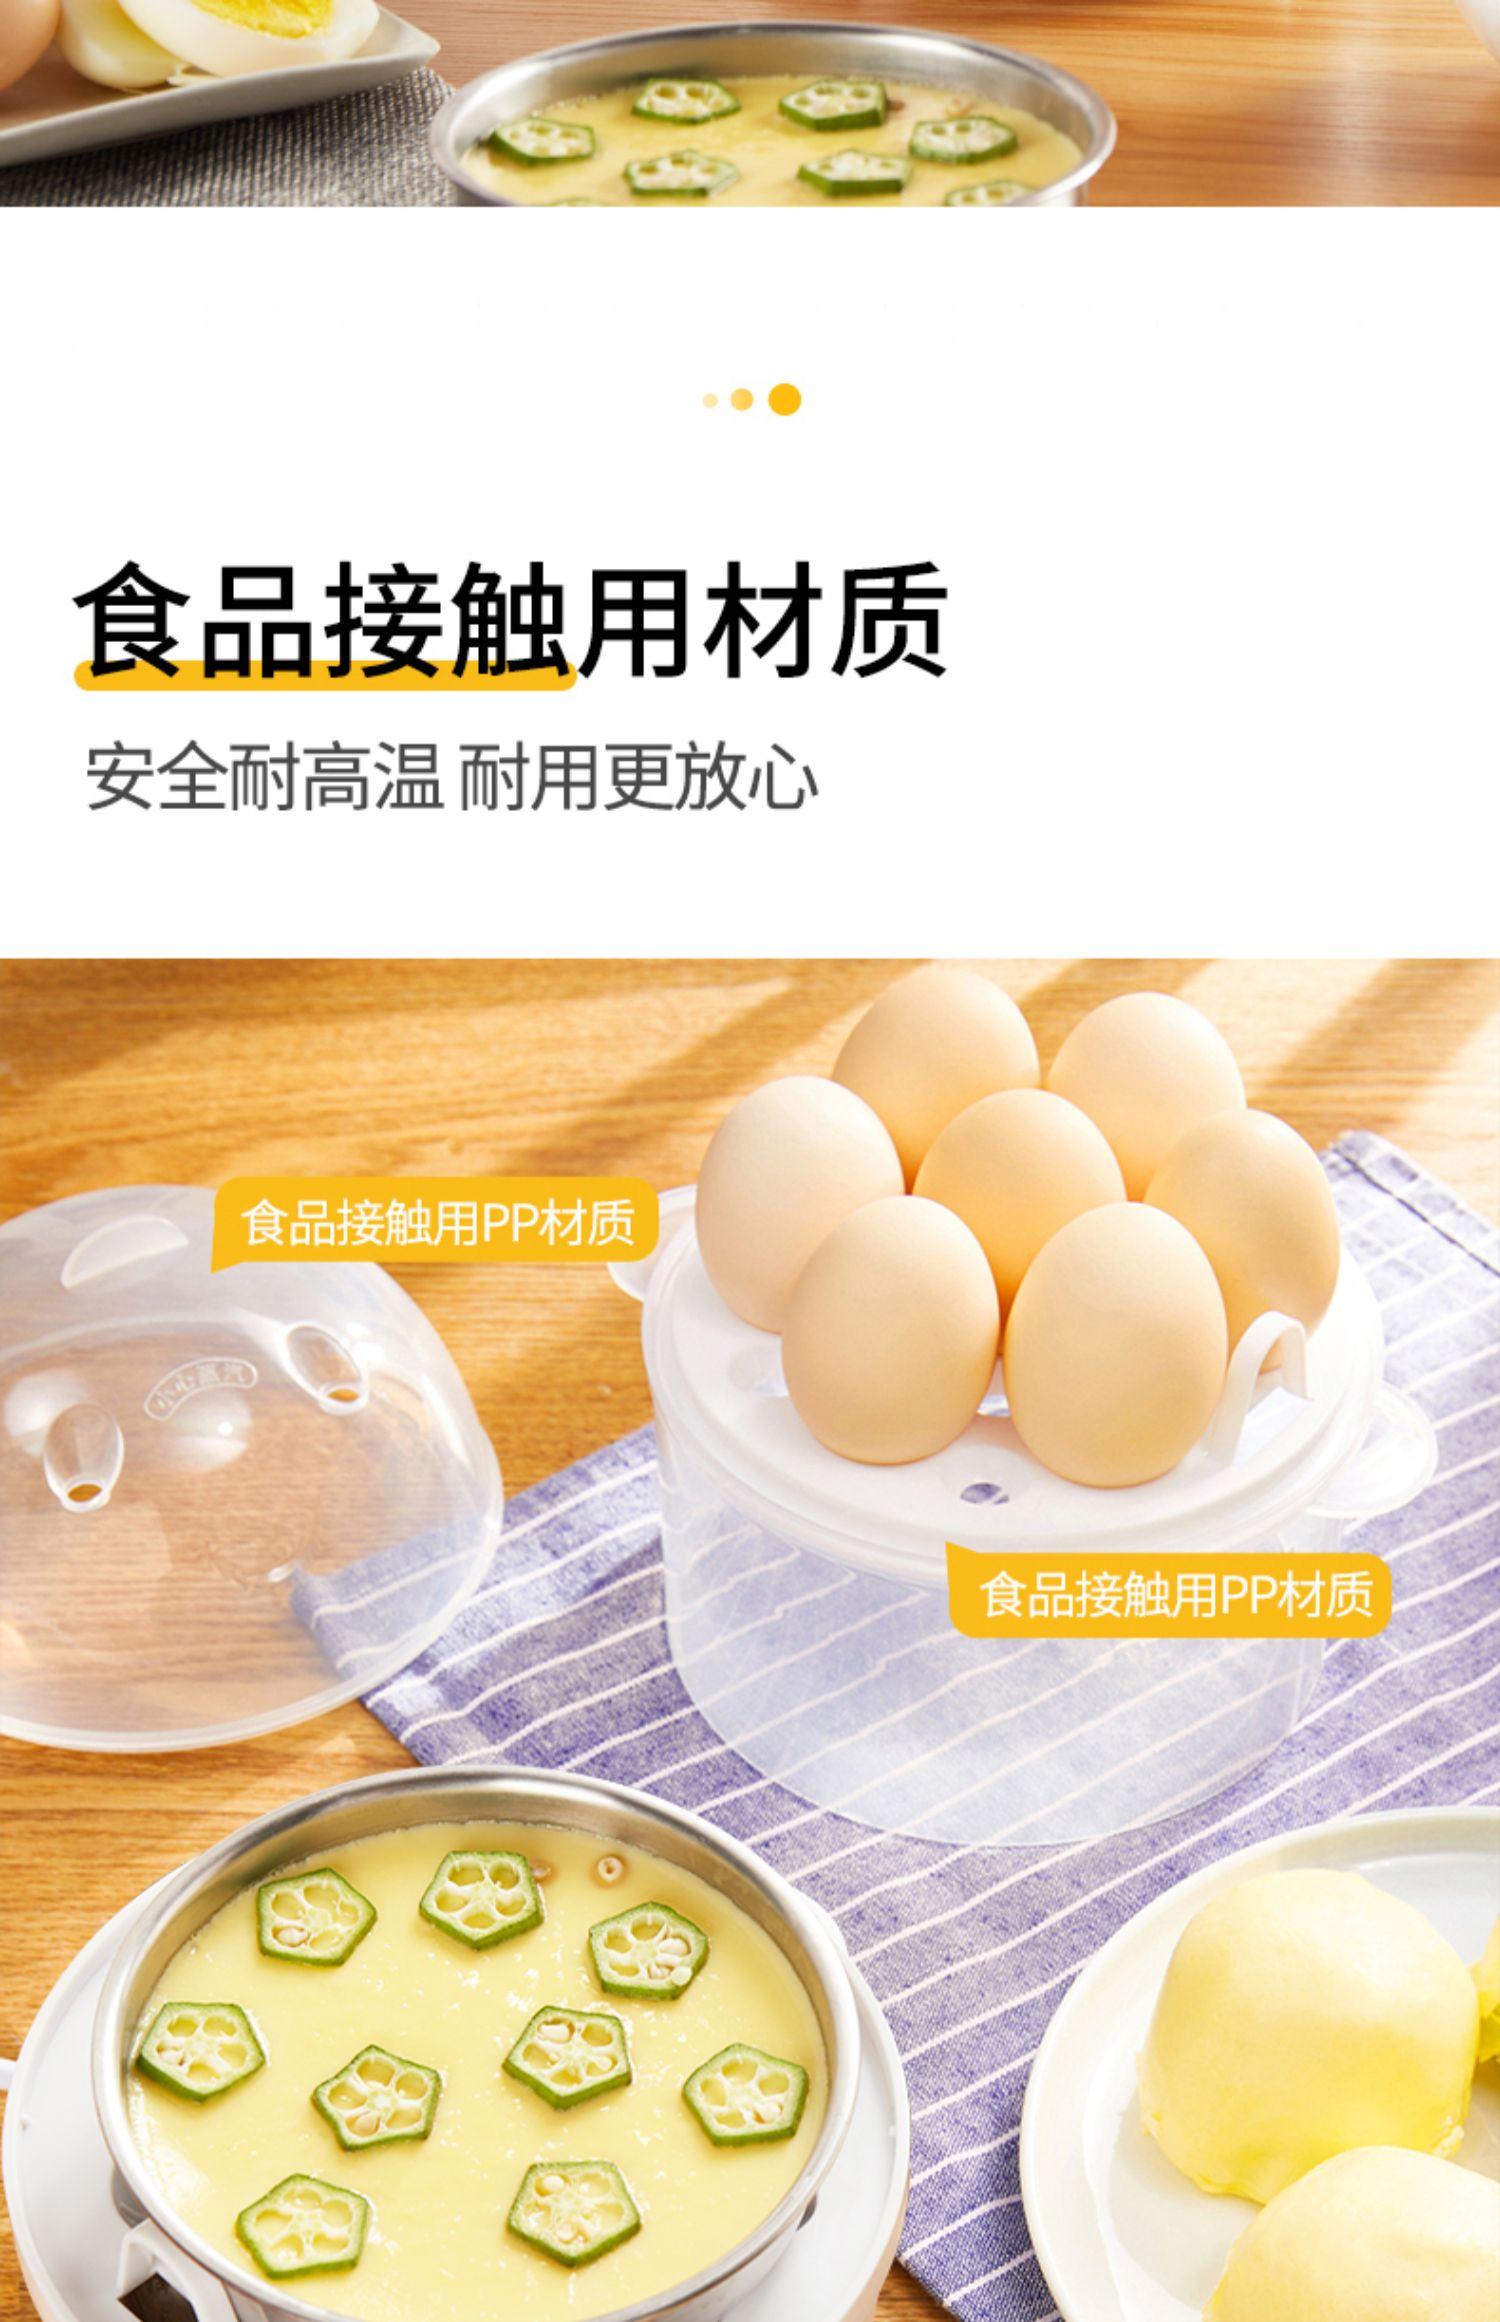 【30万热评】多功能煮蛋器蒸蛋器